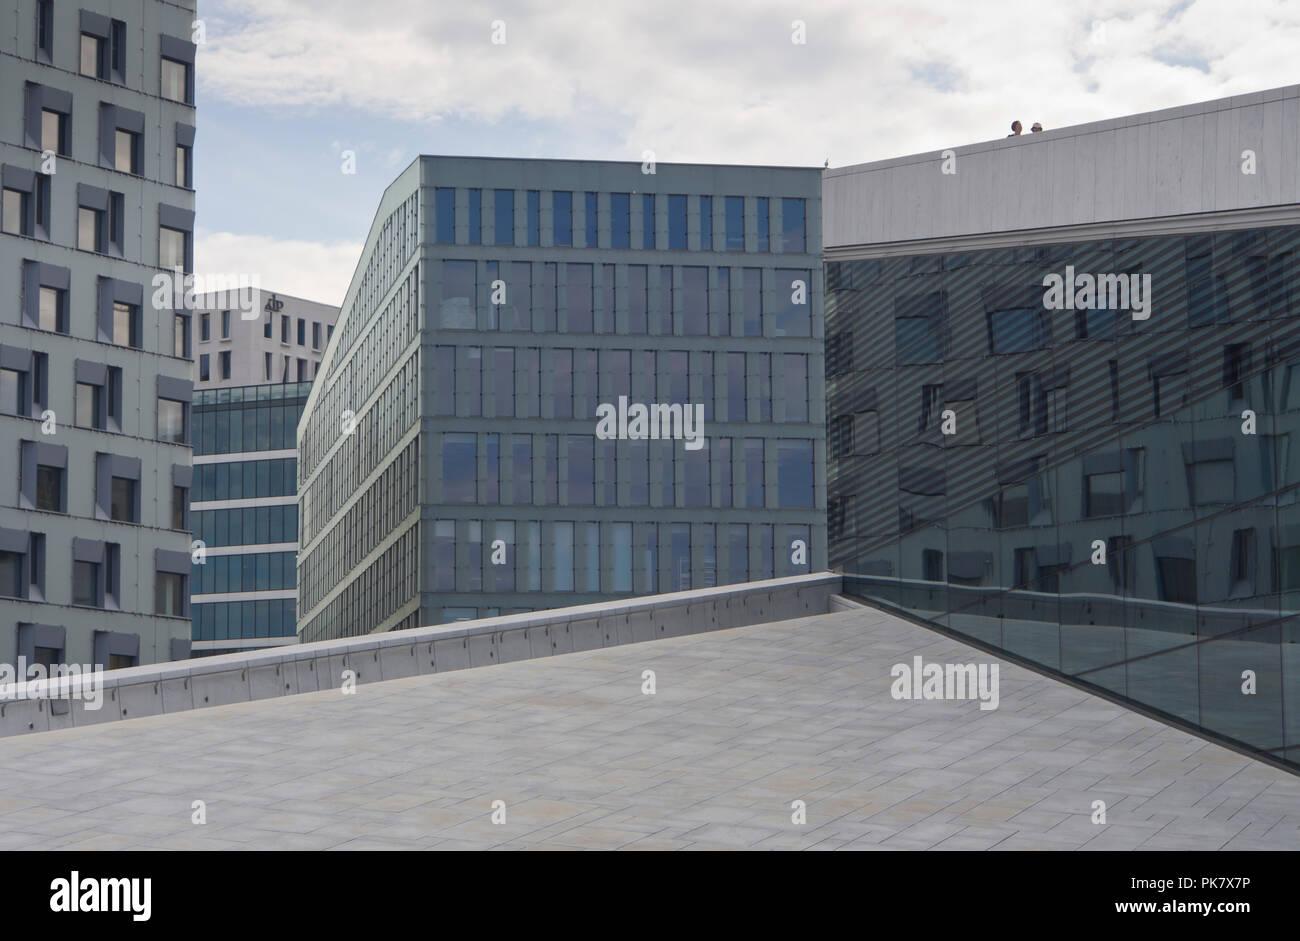 Zeitgenössische Architektur, Schichten von Formen, vor der Oper in Oslo, Norwegen mit zwei Besucher auf dem Dach Stockbild